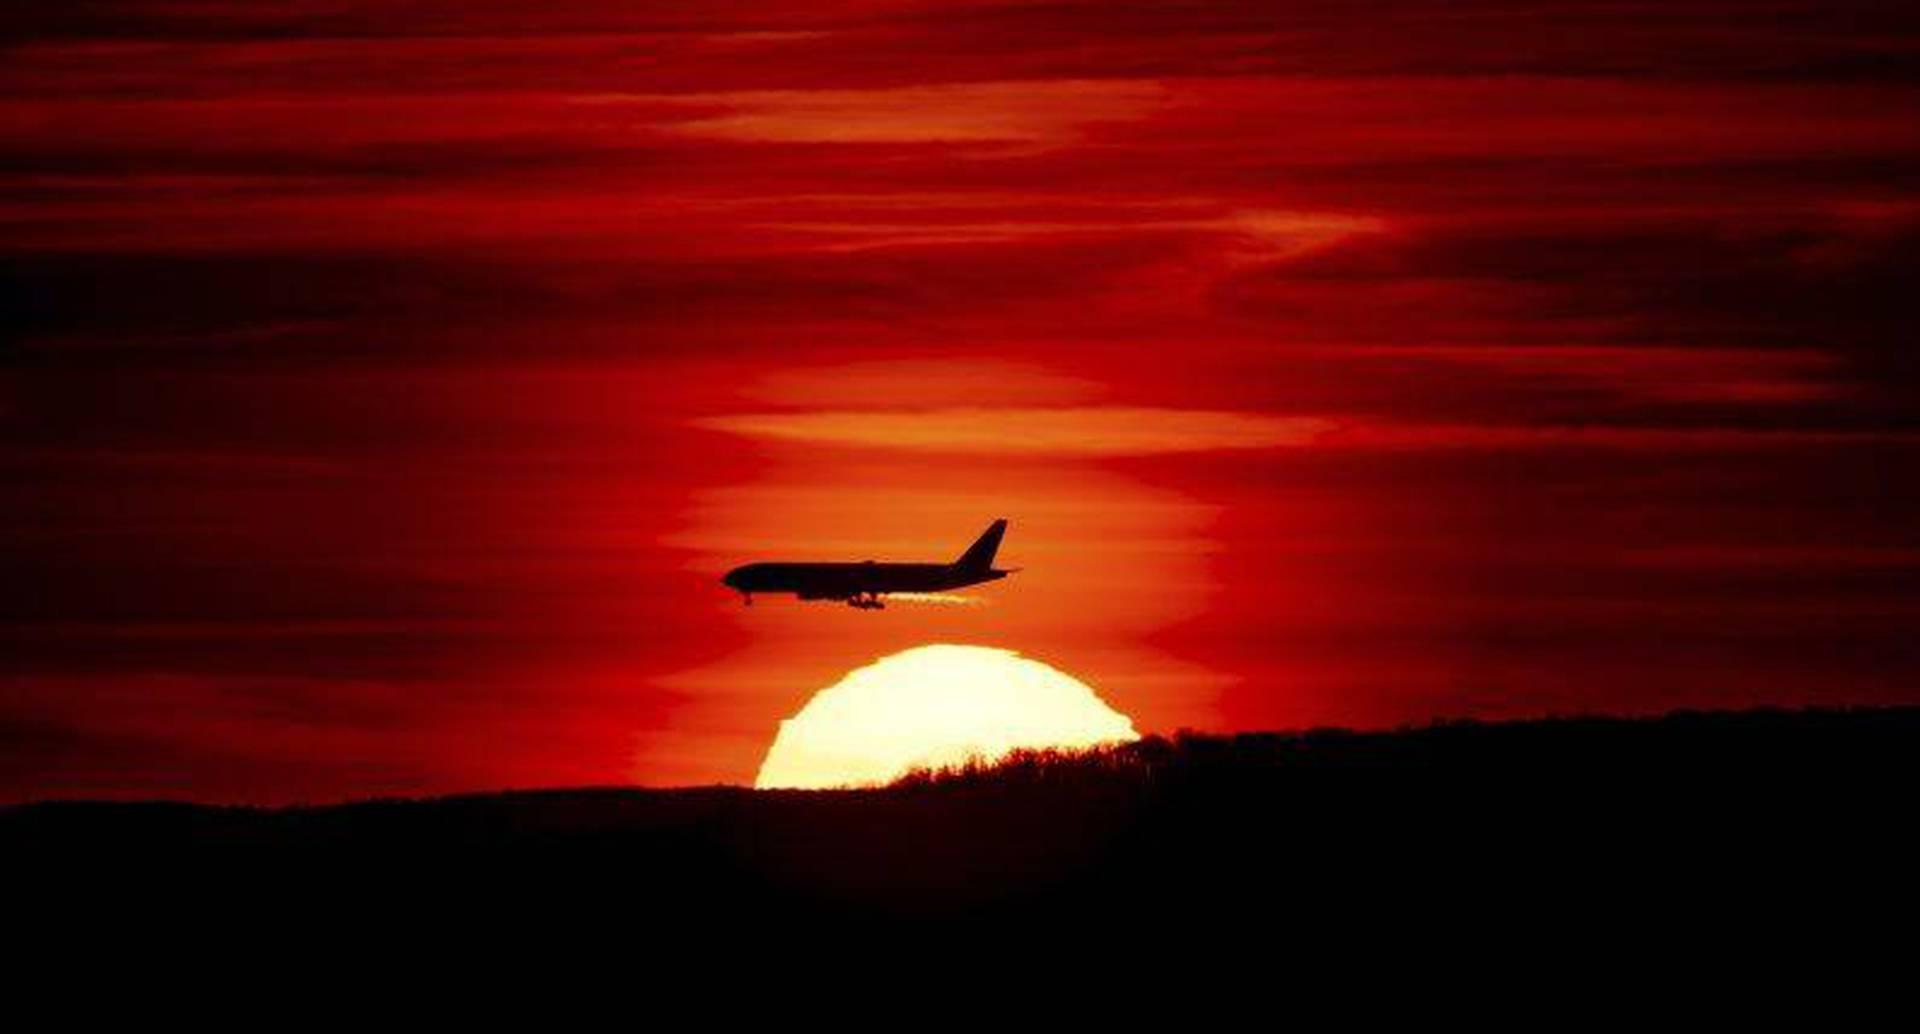 27 de marzo - Un avión de pasajeros se aproxima al Aeropuerto Internacional de Newark Liberty, N.J. mientras se pone el sol. FOTO:  J. David Ake/AP